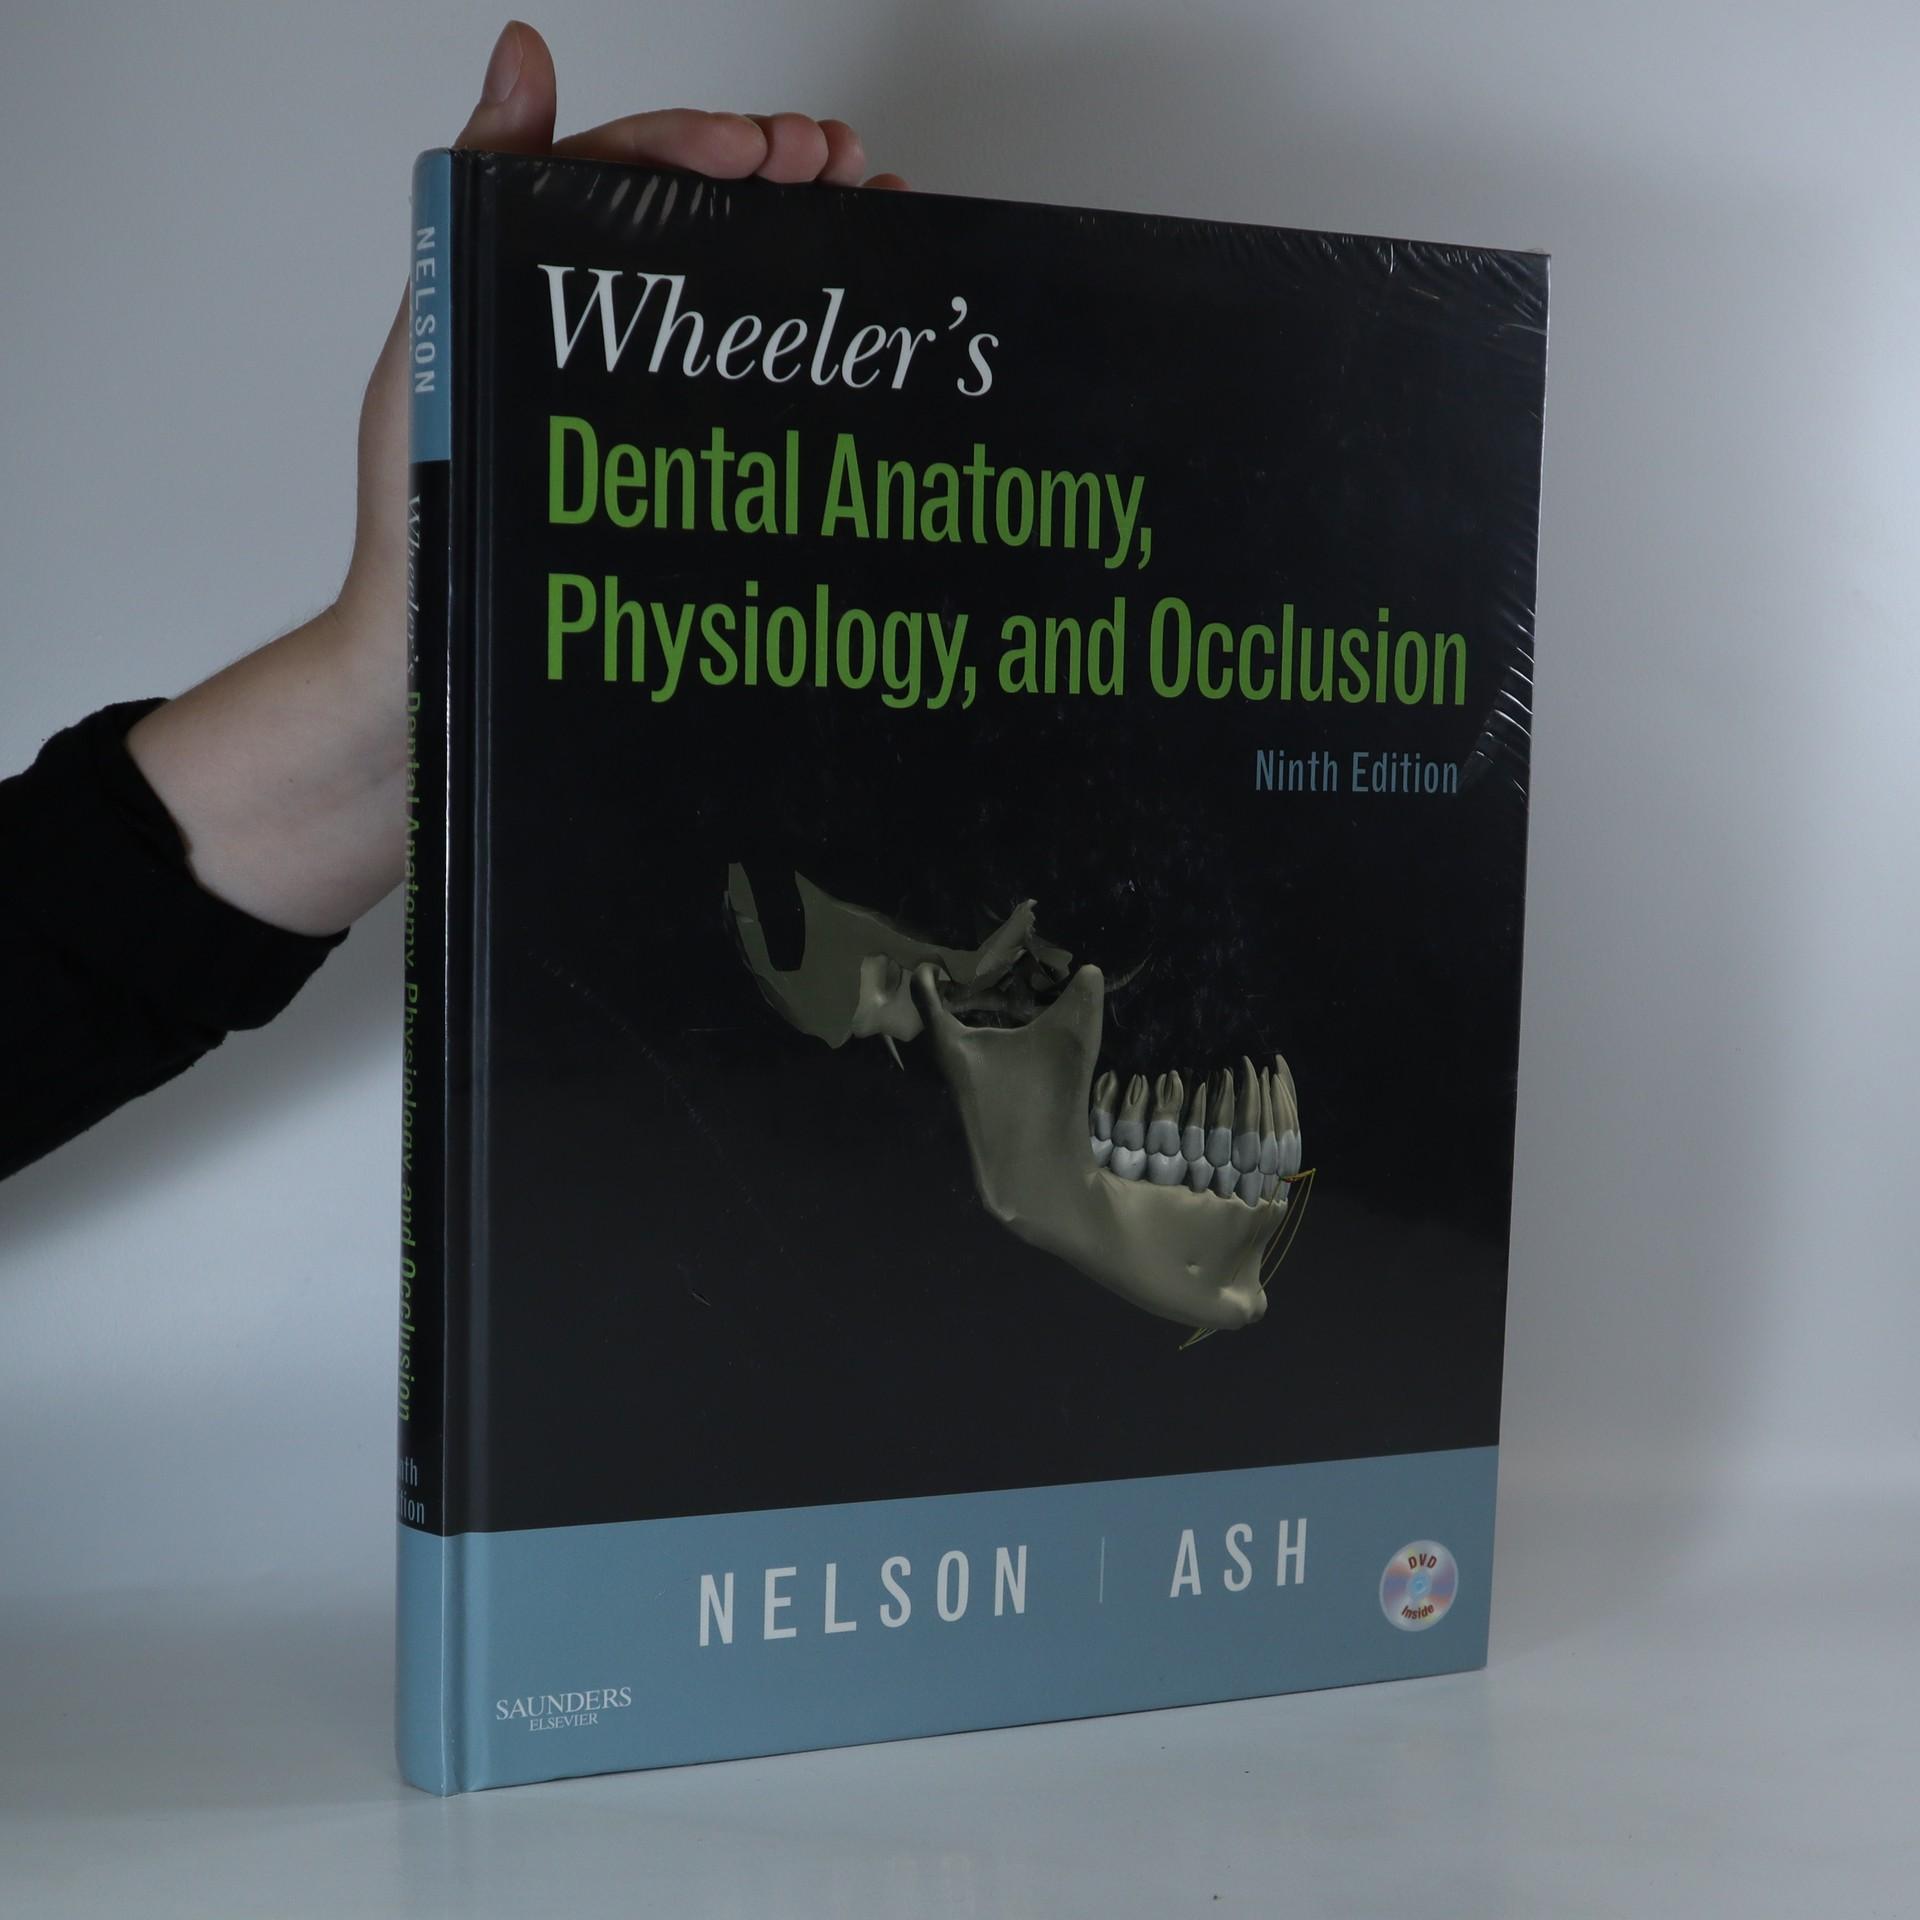 antikvární kniha Wheeler's dental anatomy, physiology, and occlusion, 2010